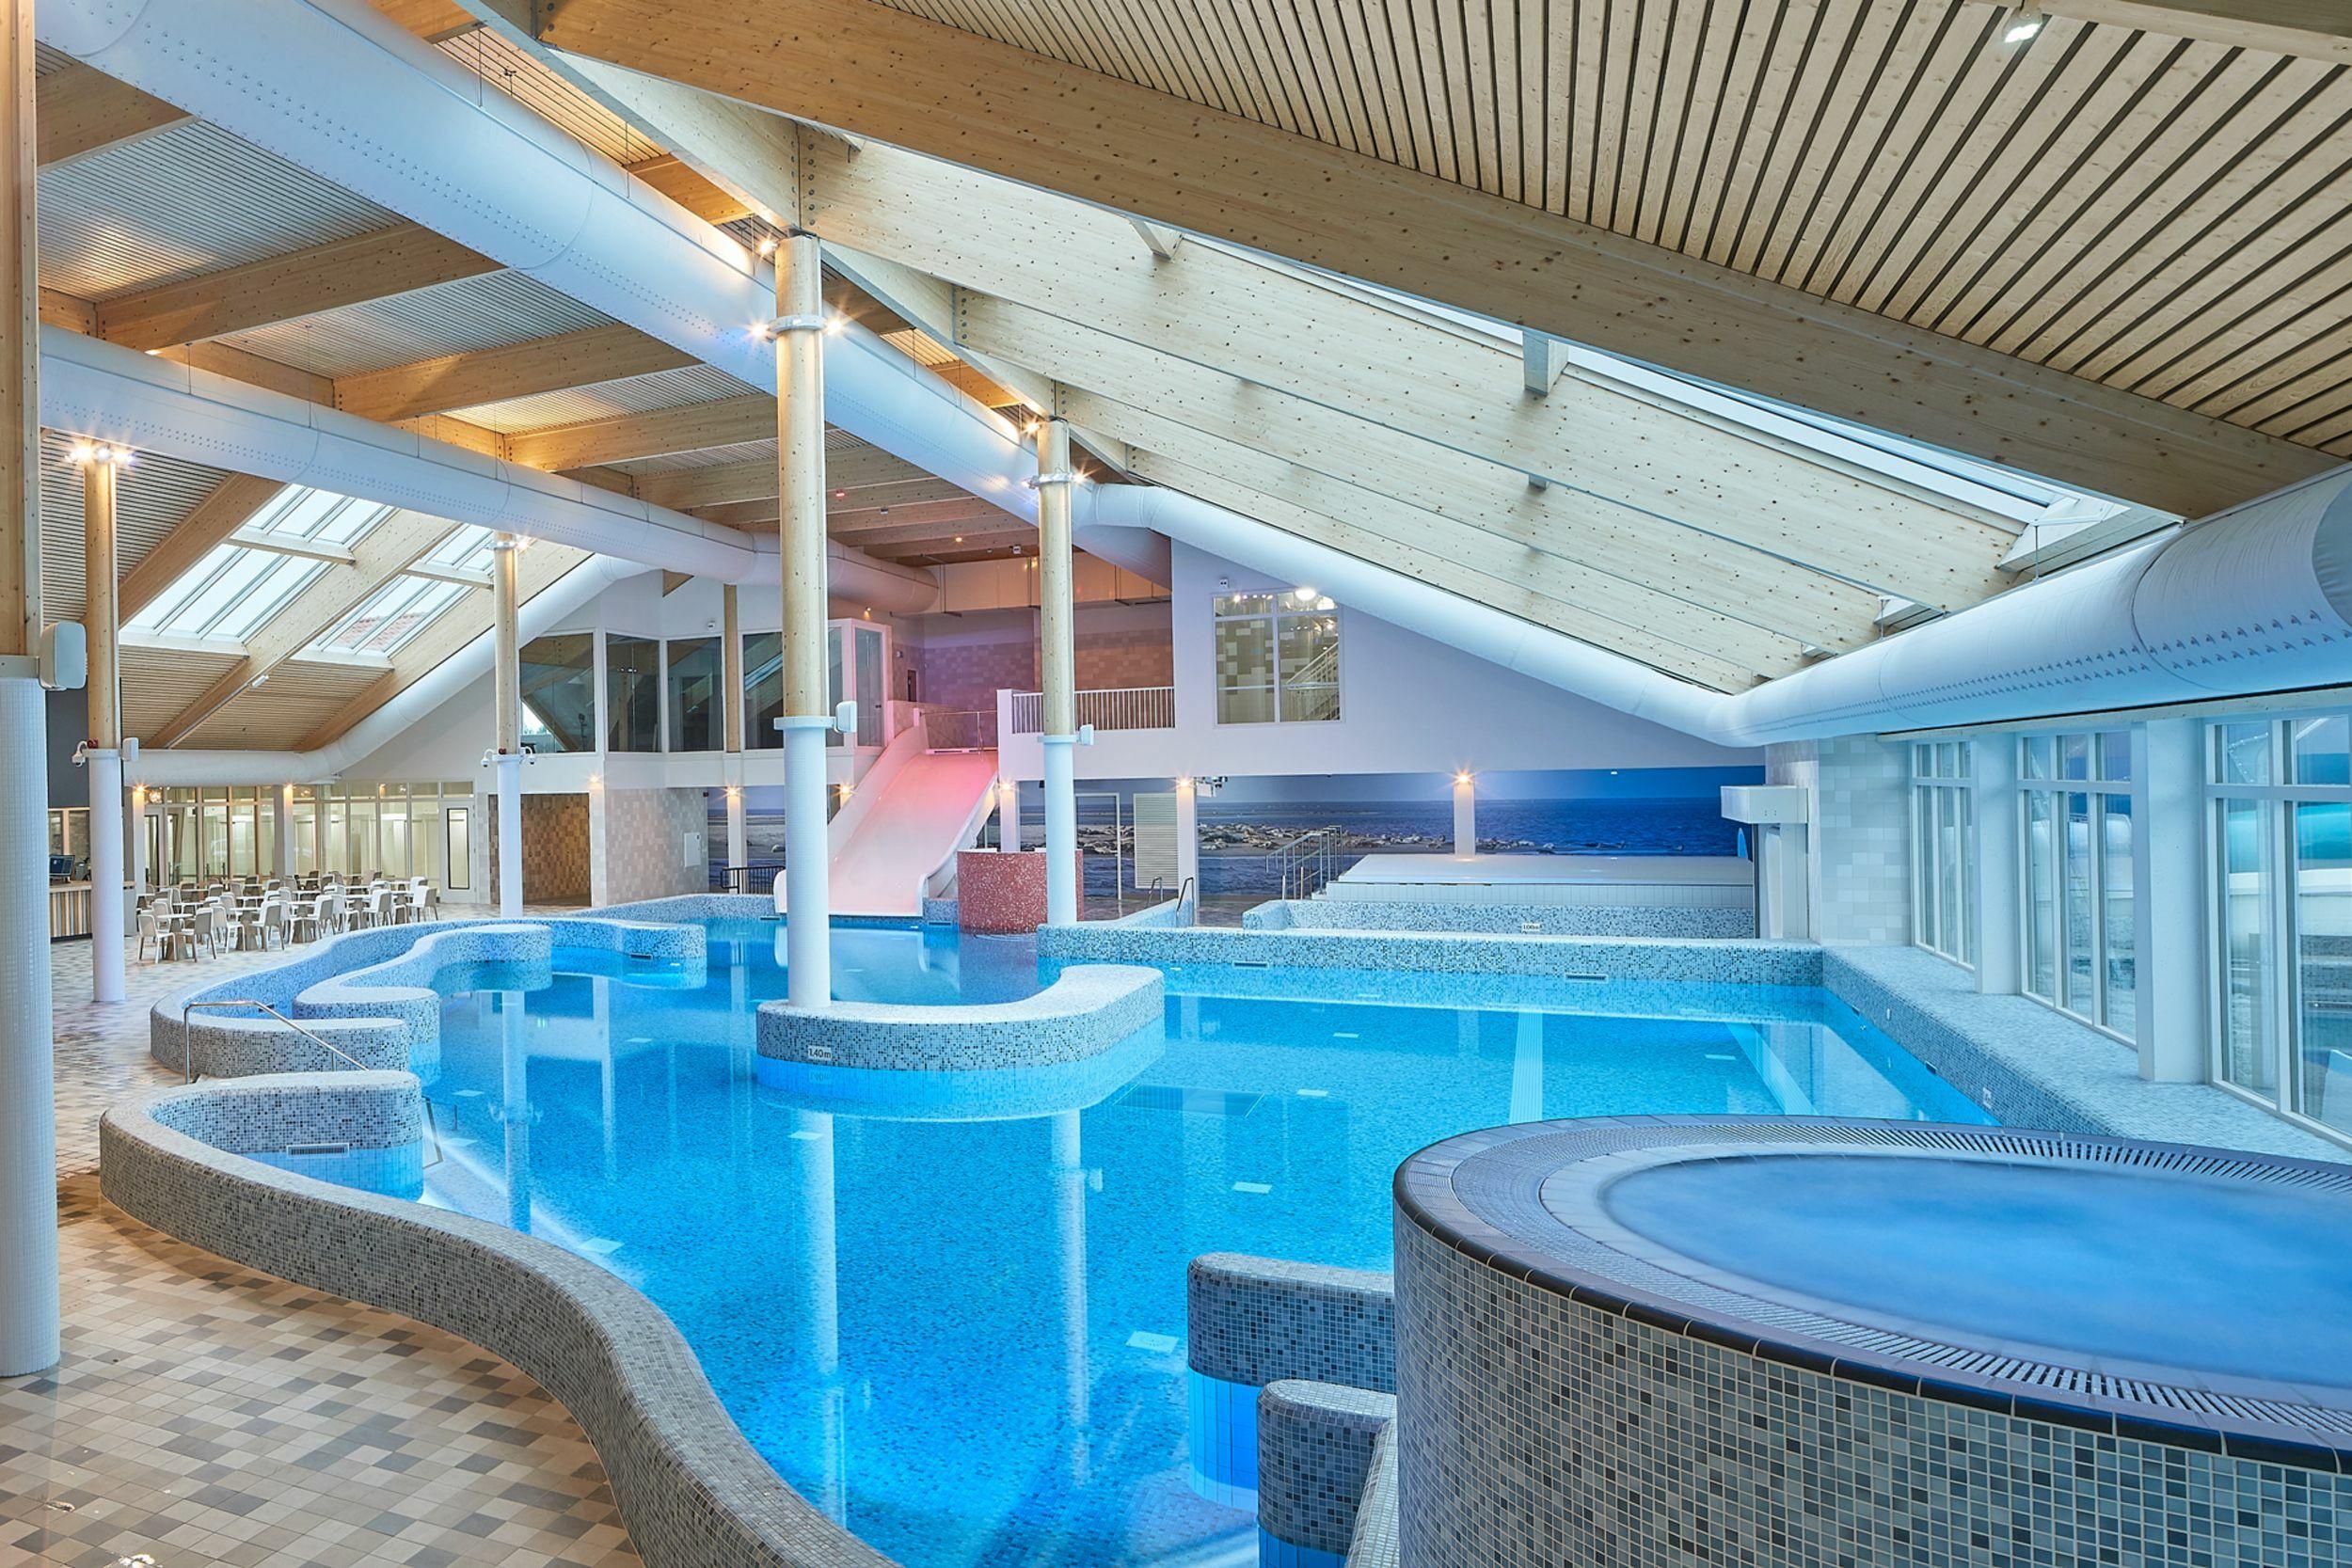 Binnenzwembad Vakantiepark De Krim VVV Texel